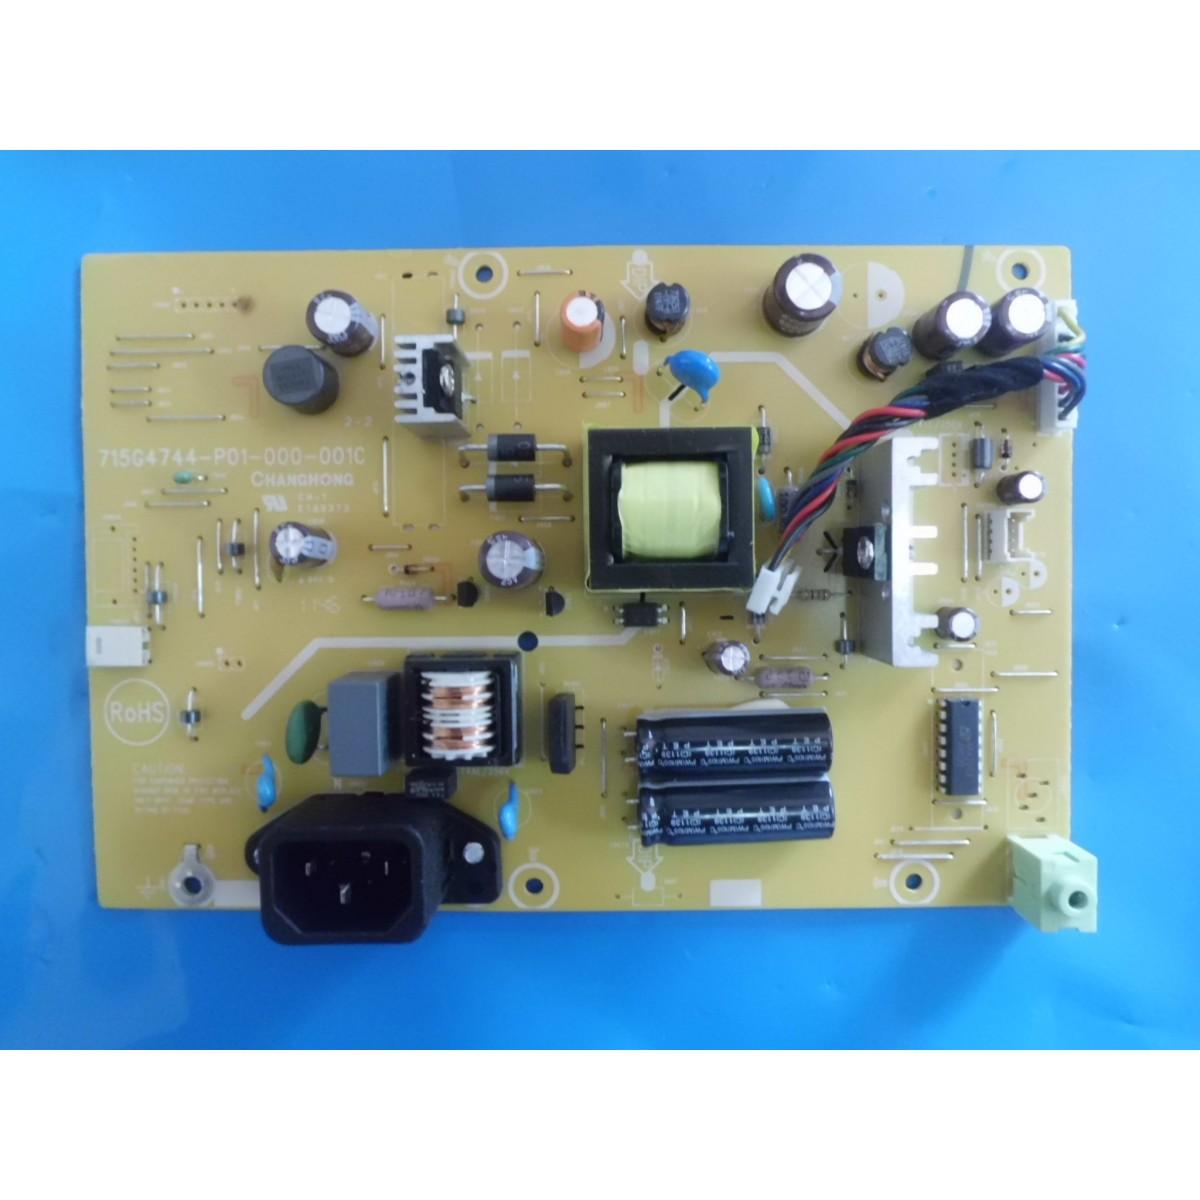 FONTE AOC 715G4744-P01-000-001C MODELO E2250SWD  COM AUDIO  - Jordão R.Camacho